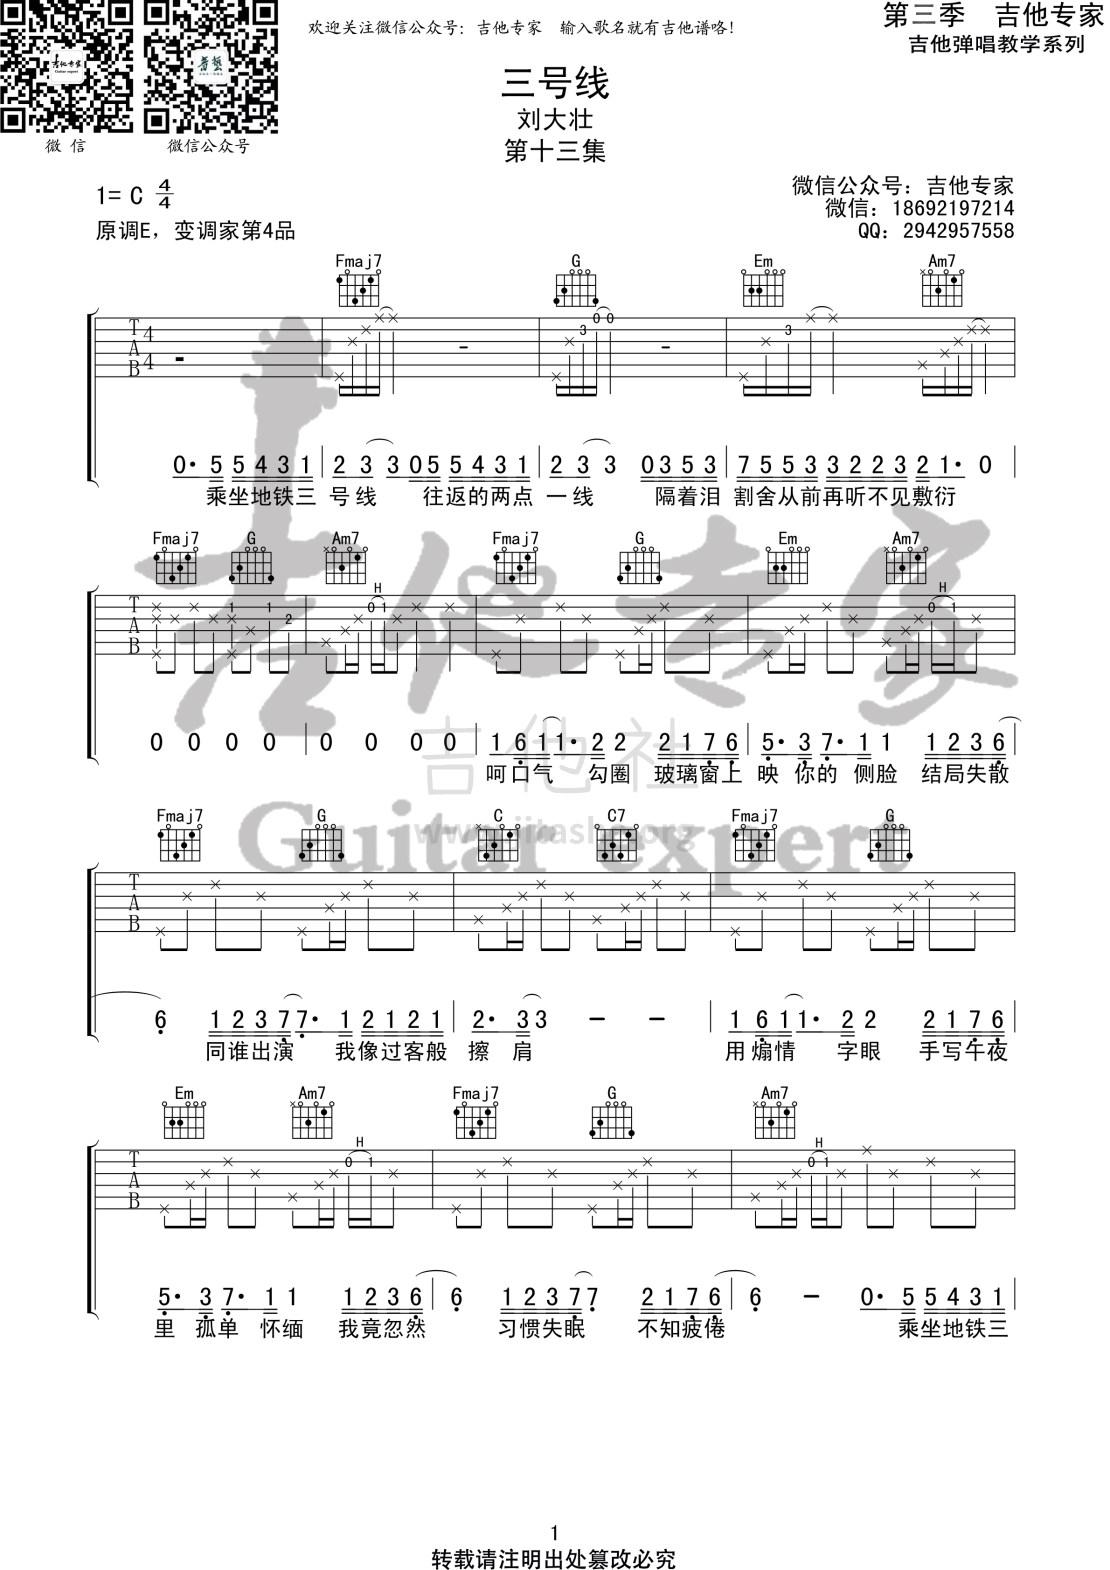 三号线 (音艺吉他专家弹唱教学:第三季第13集)吉他谱(图片谱)_刘大壮_三号线1 第三季第十三集.jpg